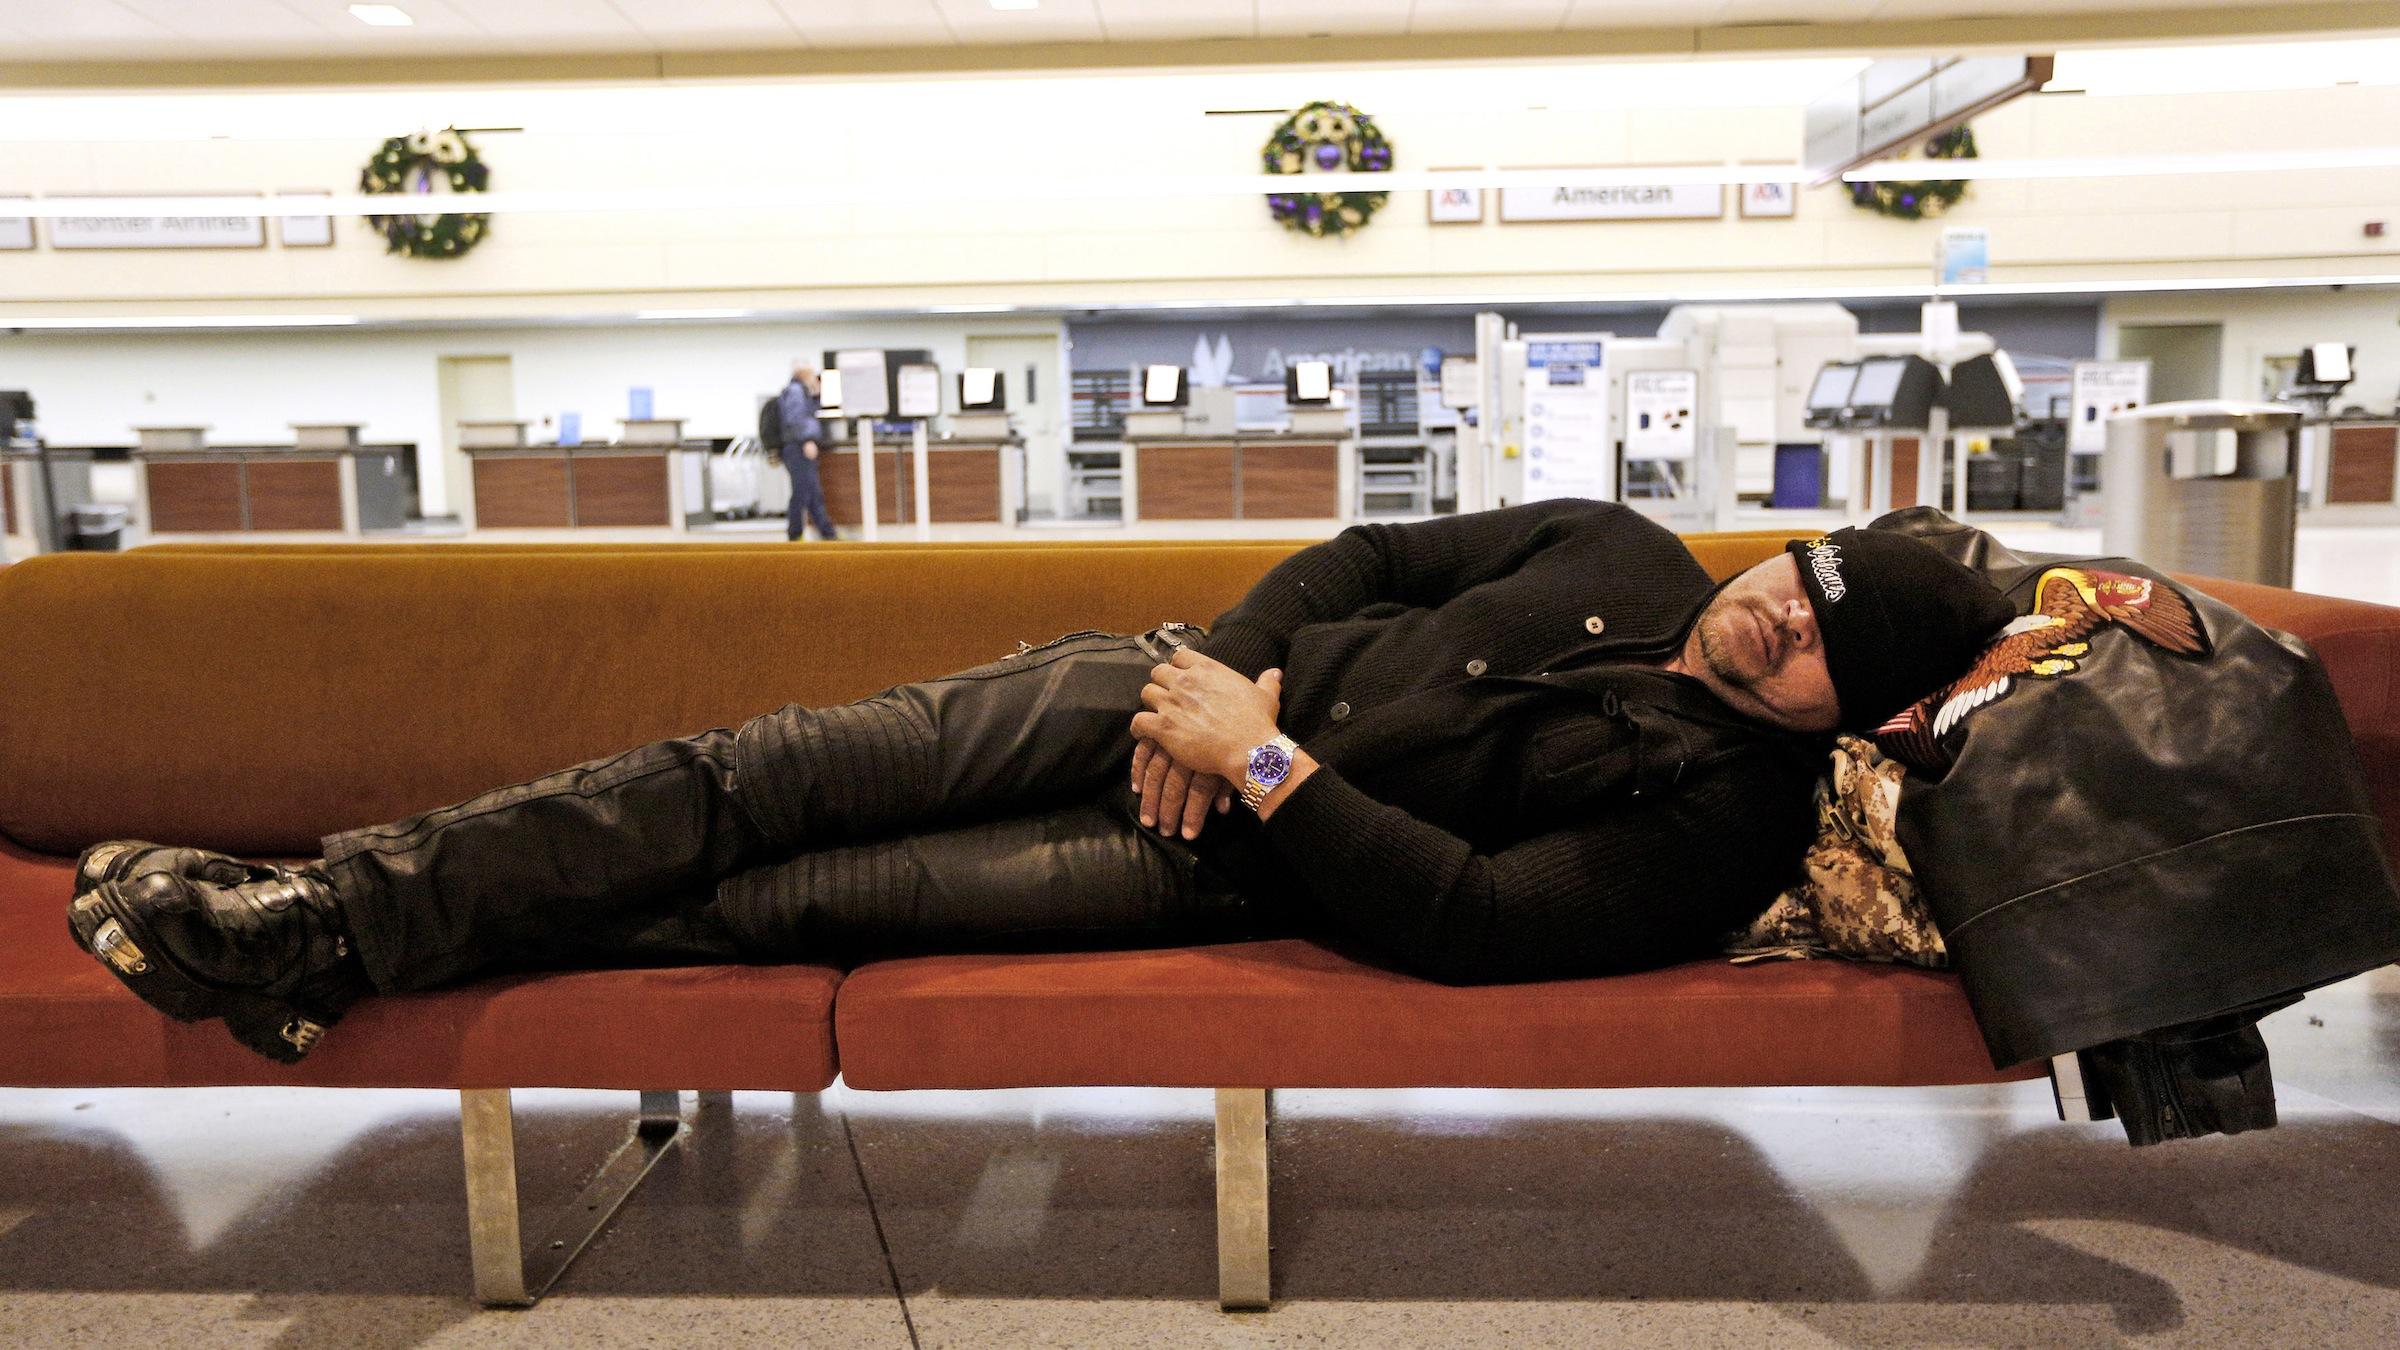 guy sleeping in airport